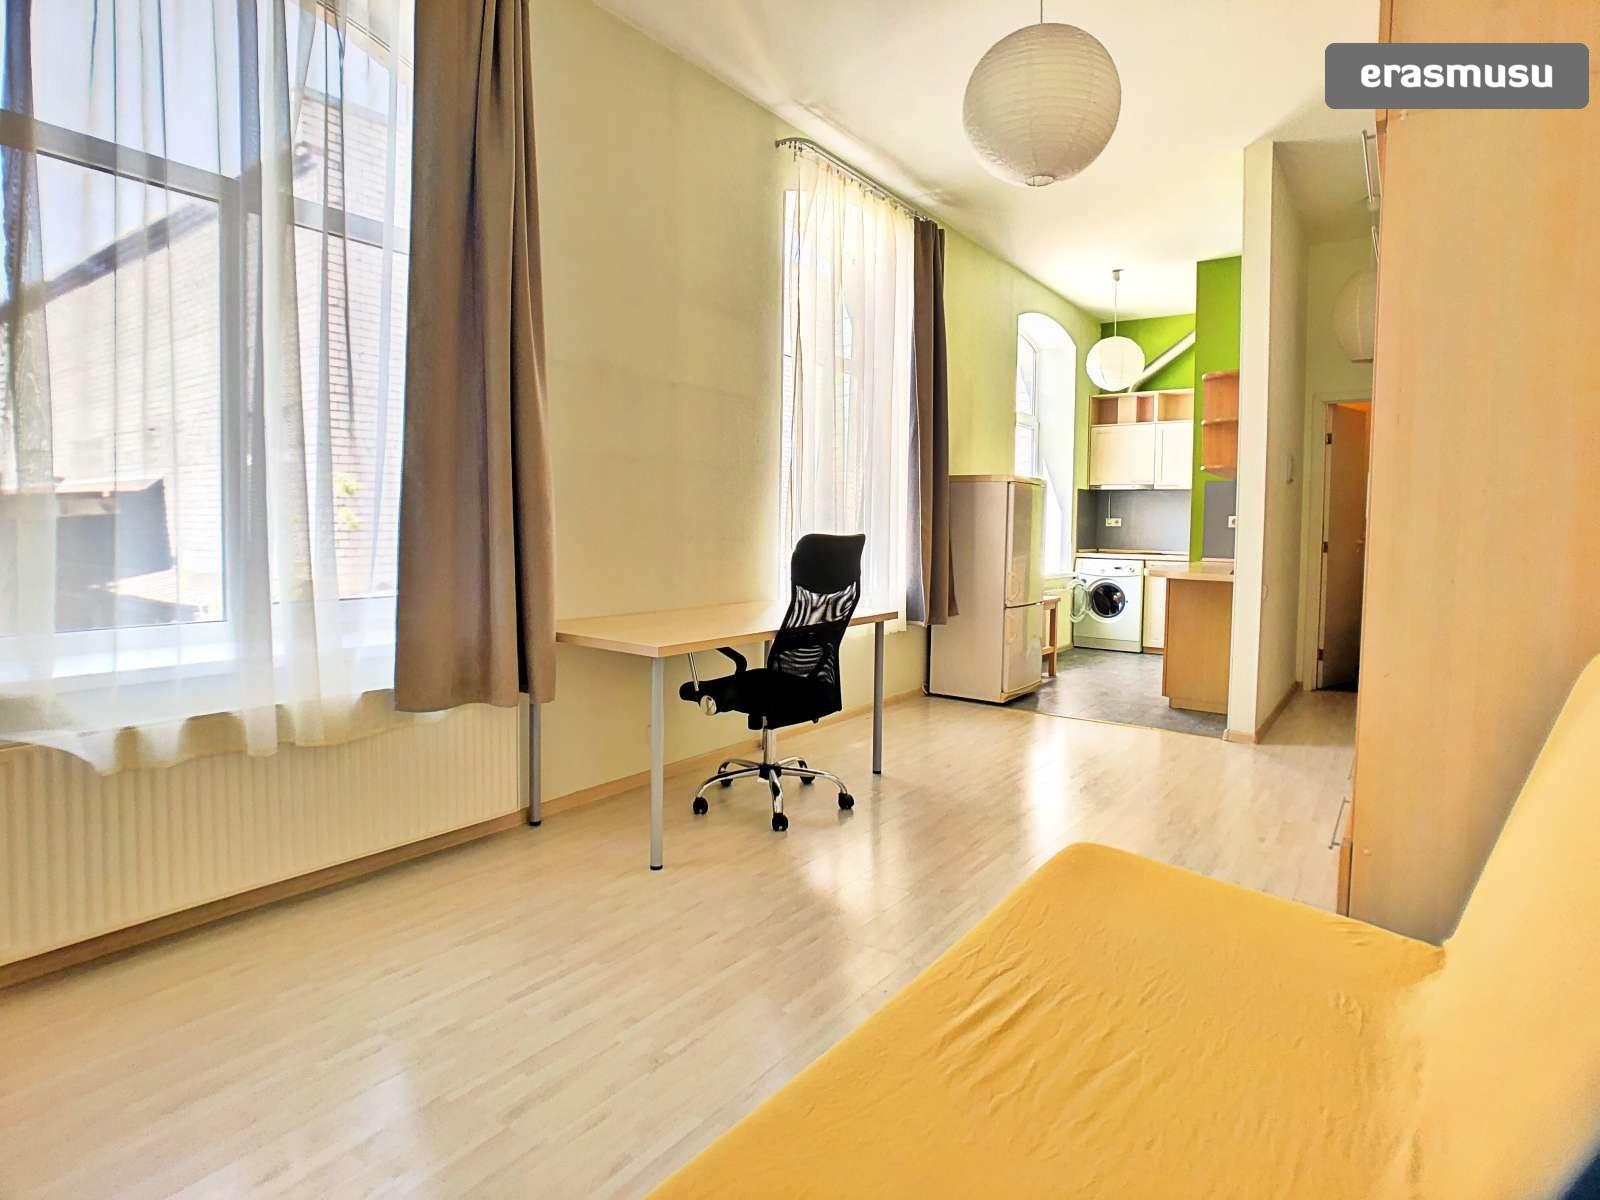 cheery-cute-studio-apartment-rent-dzirciems-990ed0b627e4f750c456